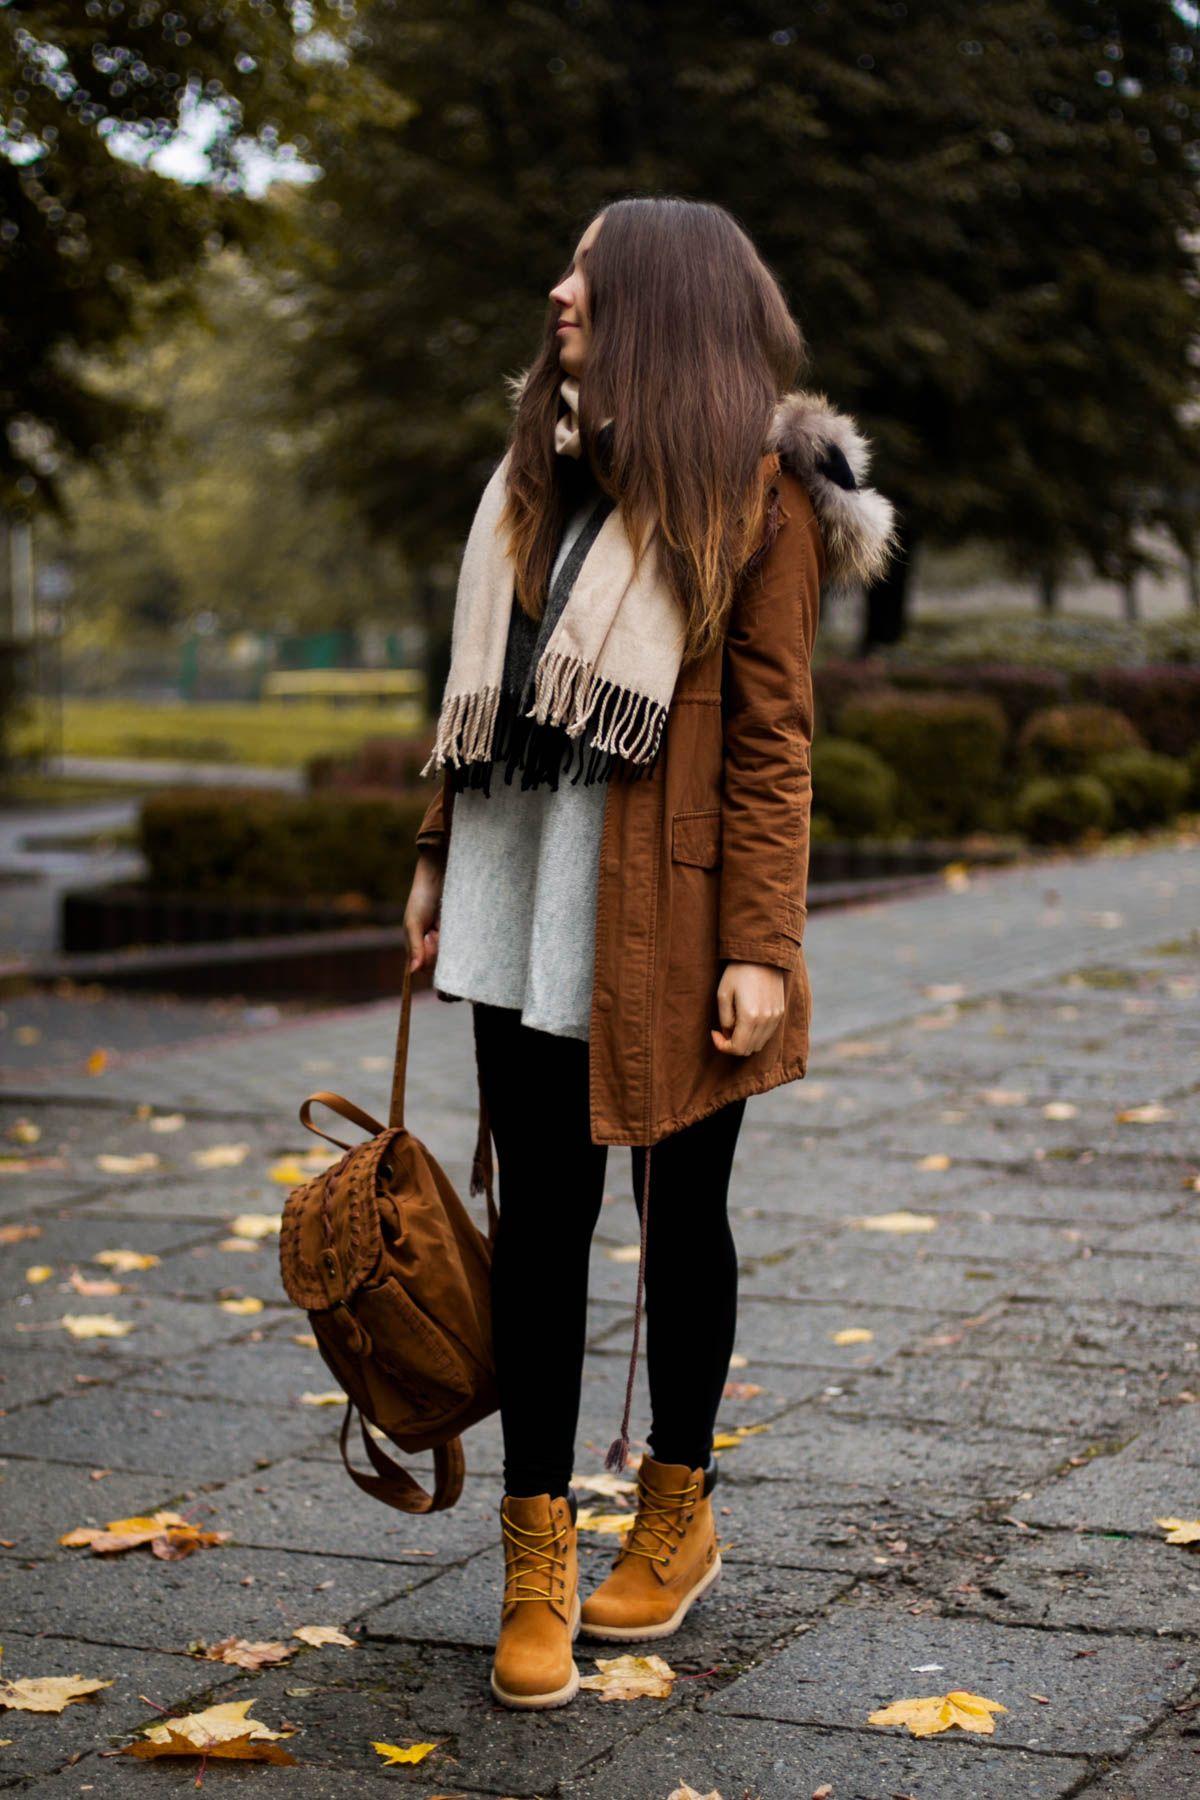 niska cena sprzedaży 100% jakości Nowe Produkty timberland stylizacja | MyStyle Outfit Fashion | Fashion ...